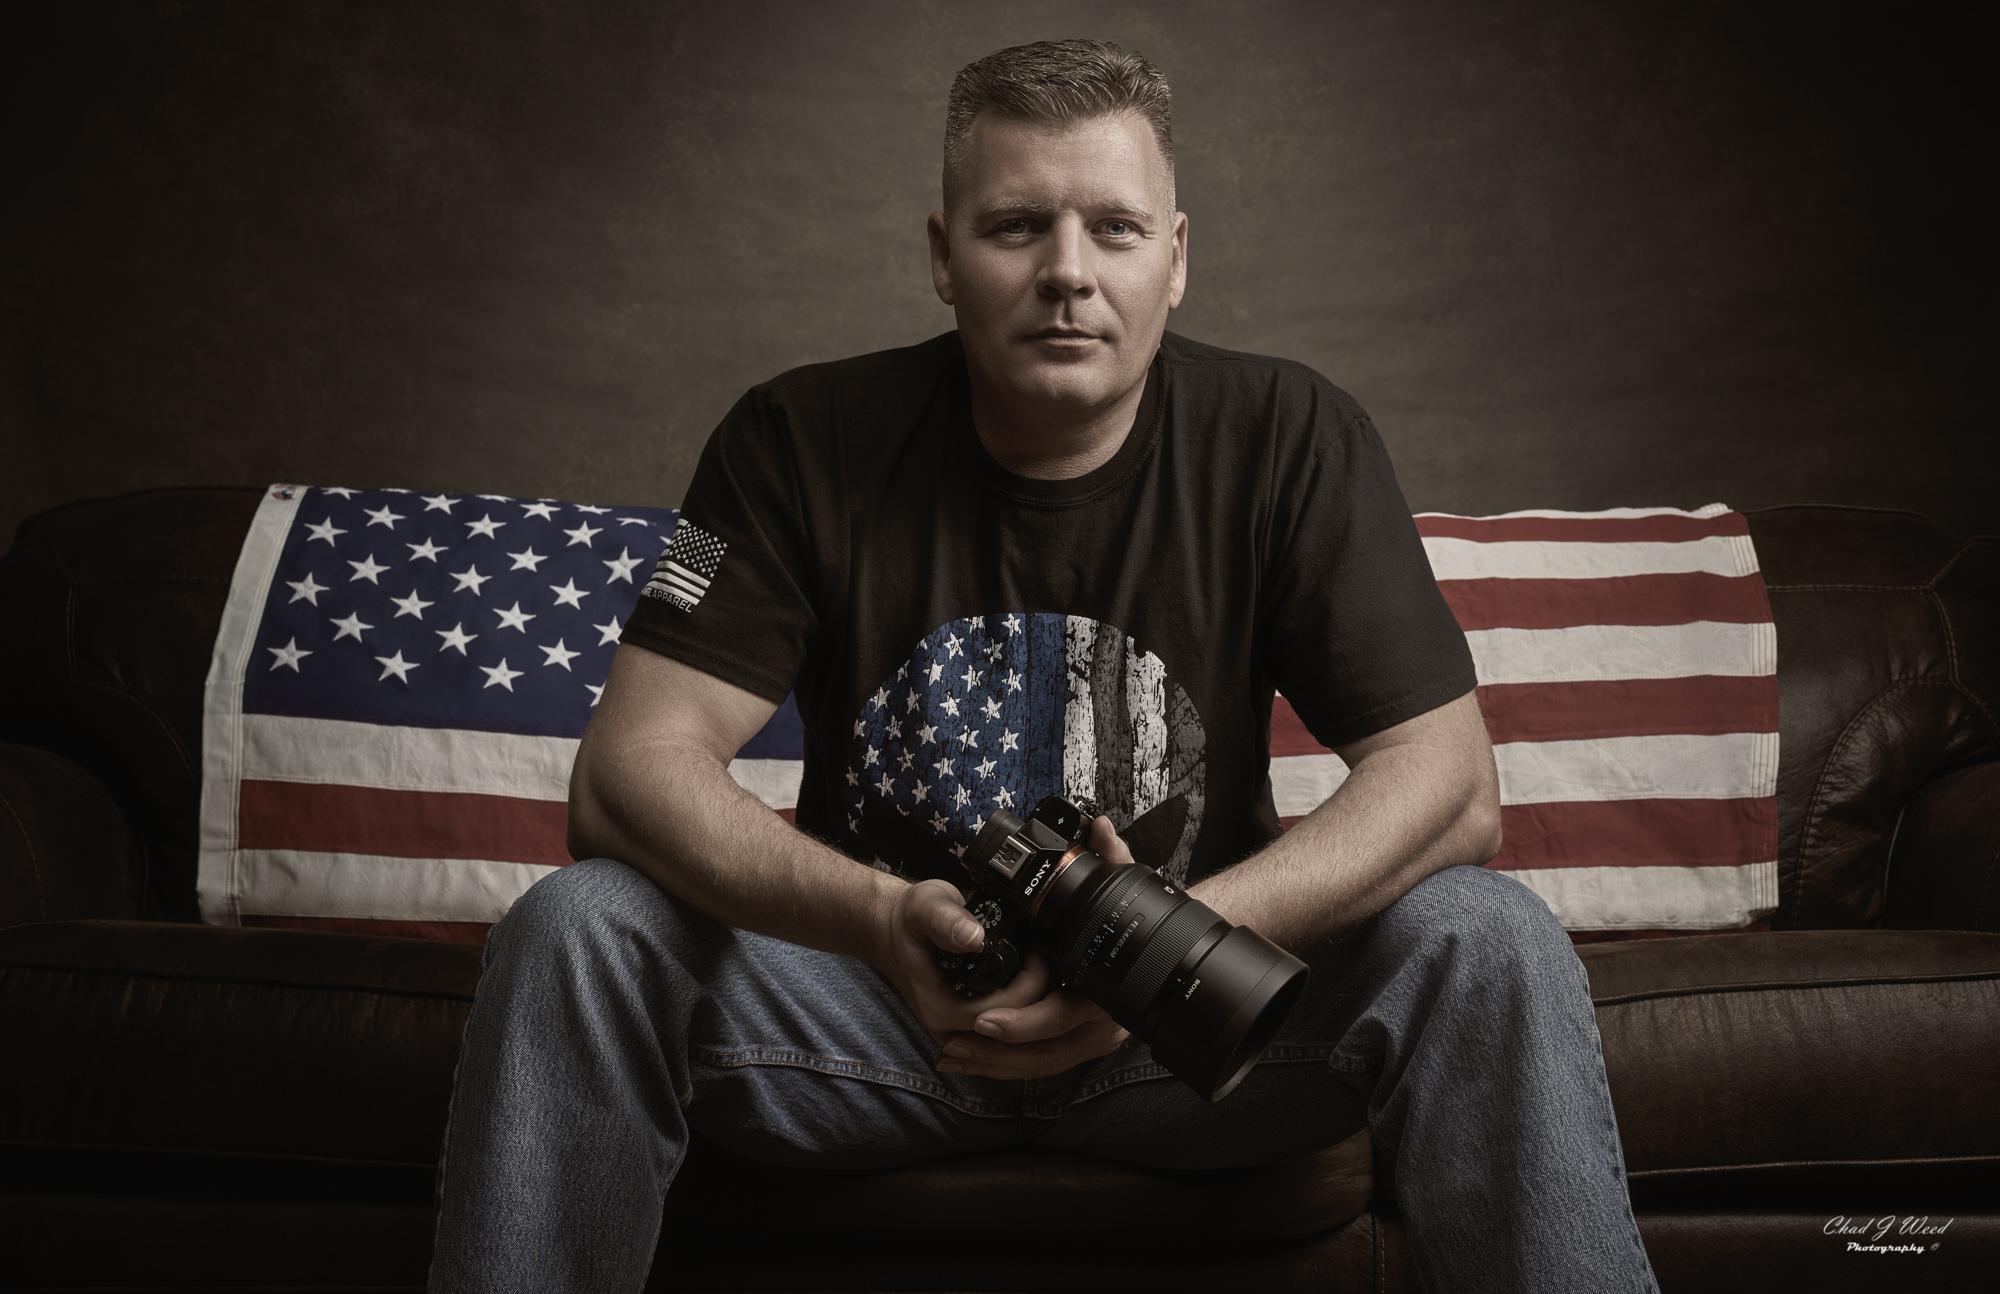 Mesa Arizona Portrait Photographer Chad Weed